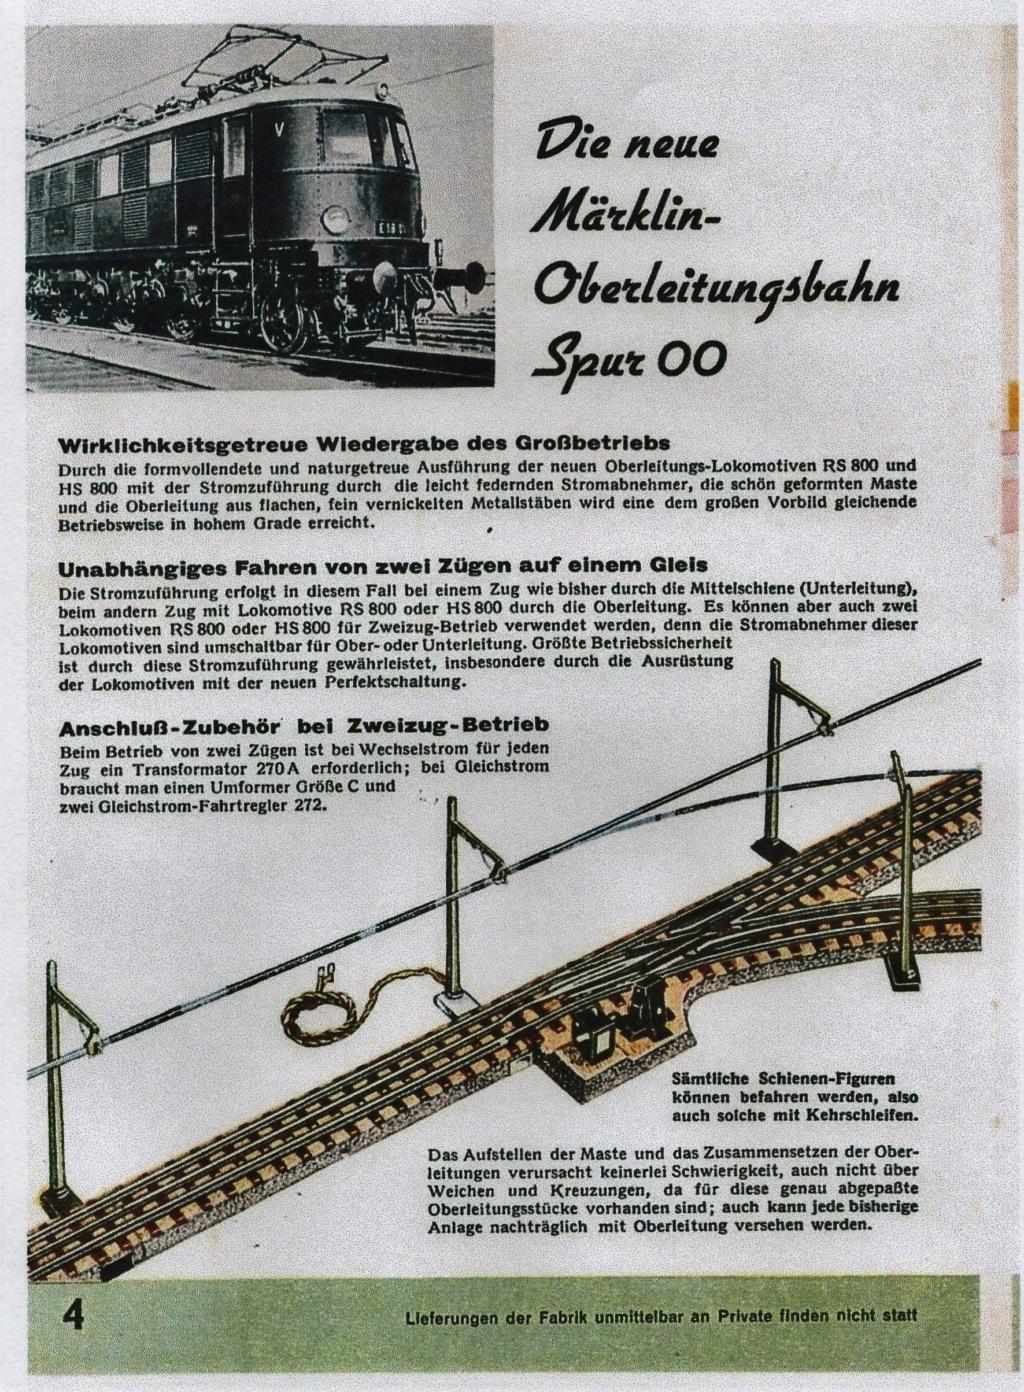 Voies Märklin anciennes et voie VB Trois rails 00911